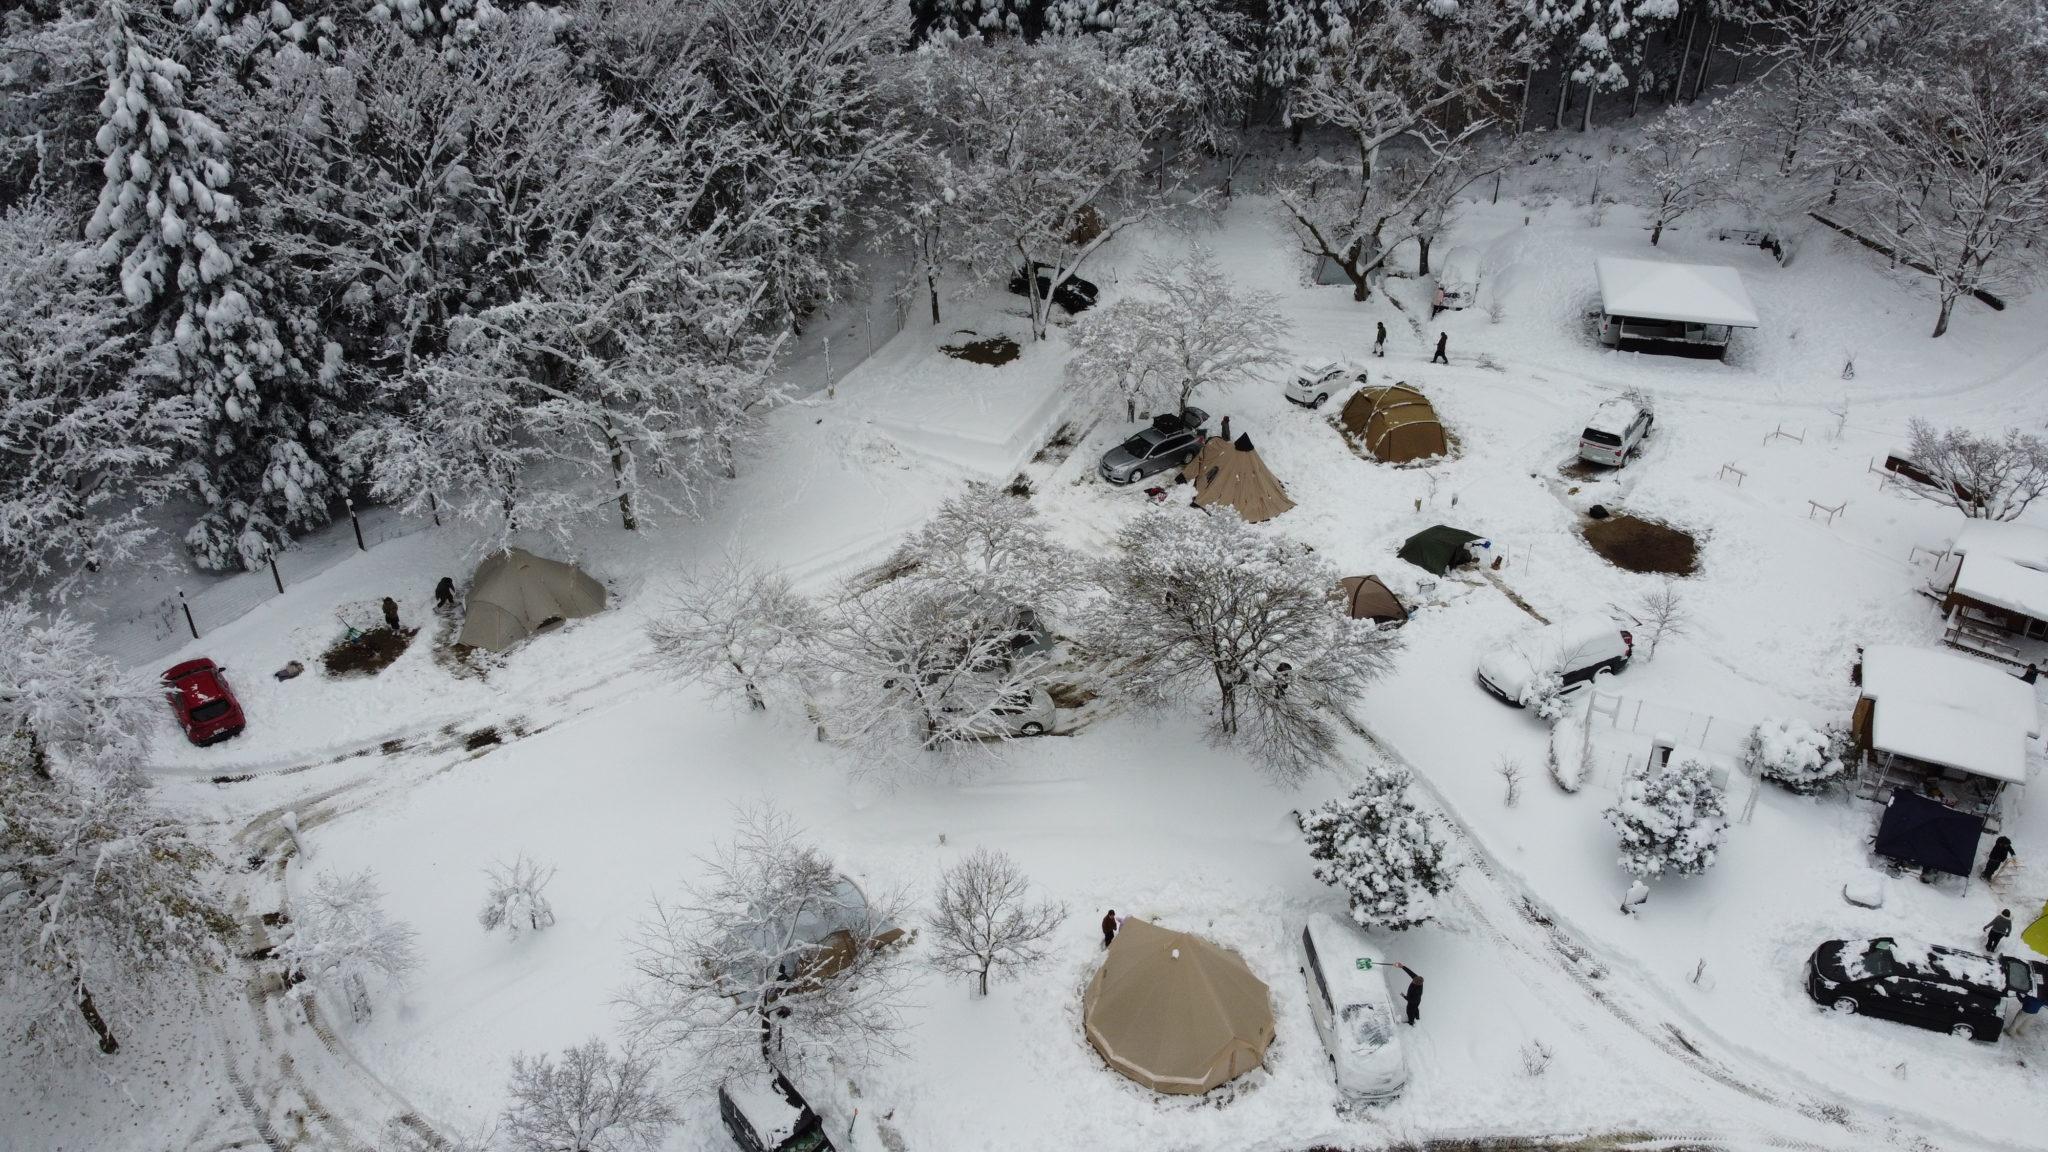 かもしかオートキャンプ場 | 滋賀県のオートキャンプ場 大河原温泉アウトドアヴィレッジ かもしかオートキャンプ場